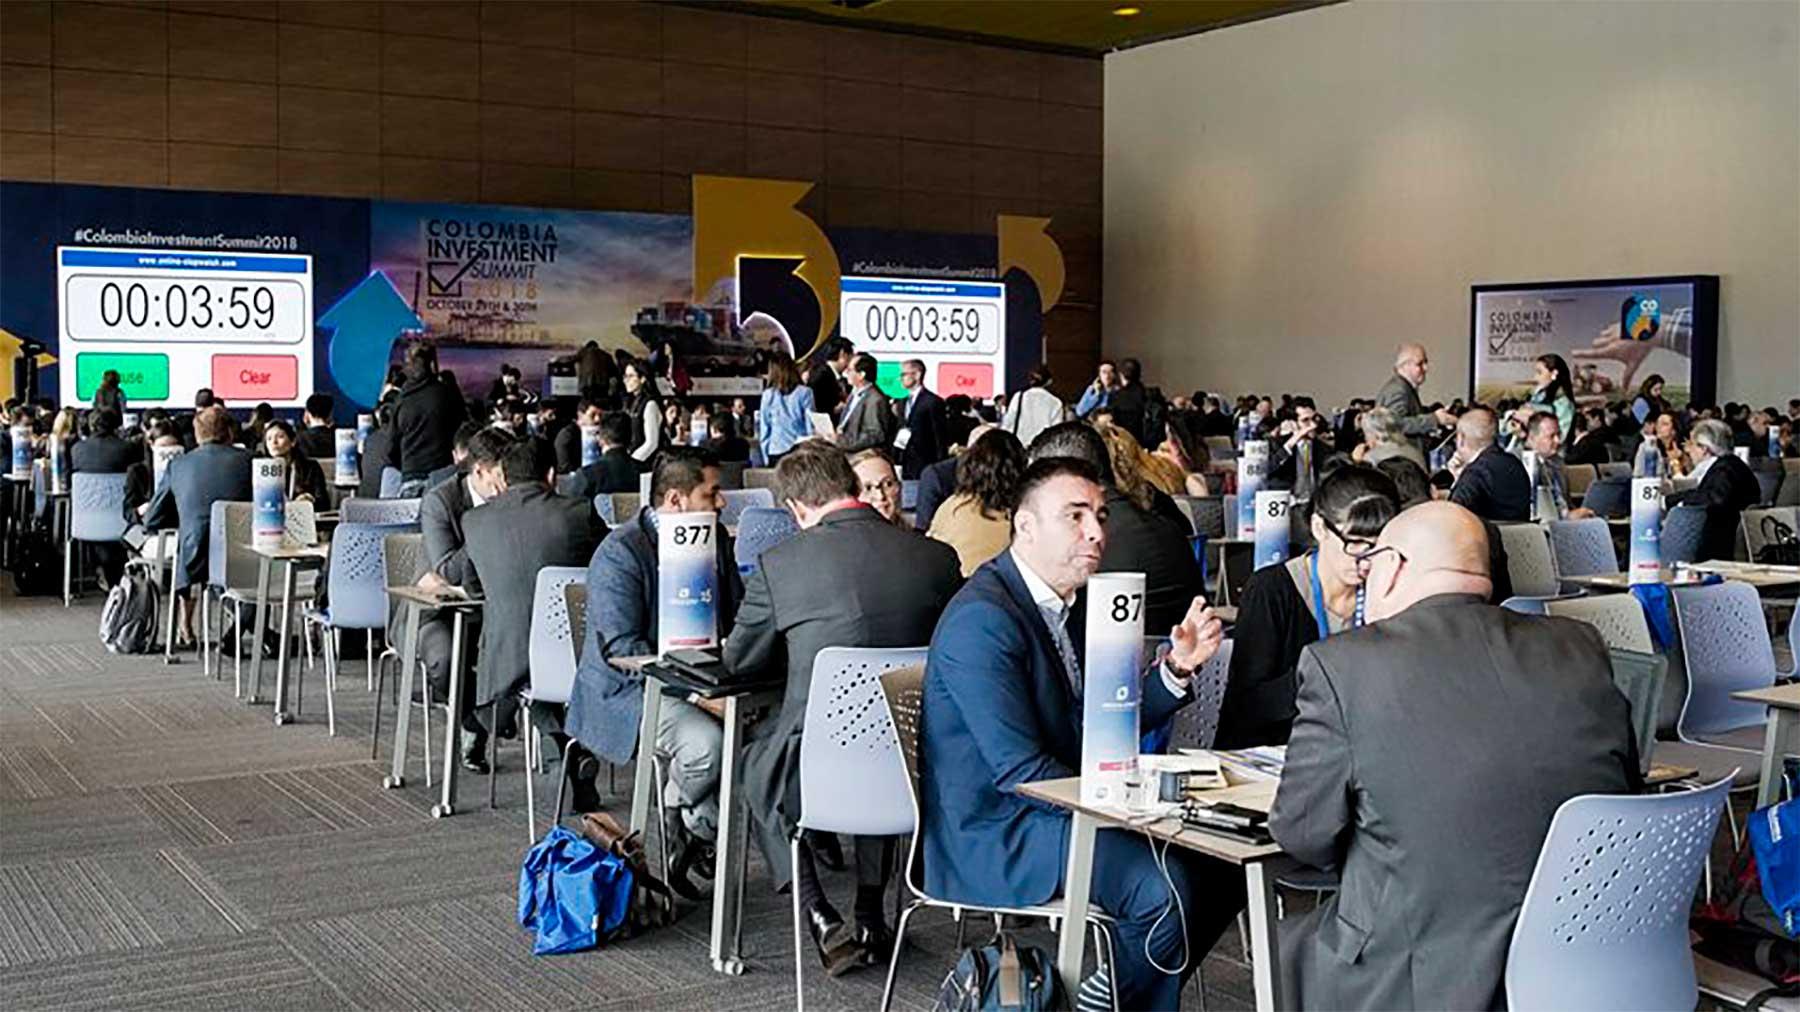 Cumbre Investment Summit será en octubre. Los extranjeros buscan negocios en Colombia   Nacional   Economía   EL FRENTE